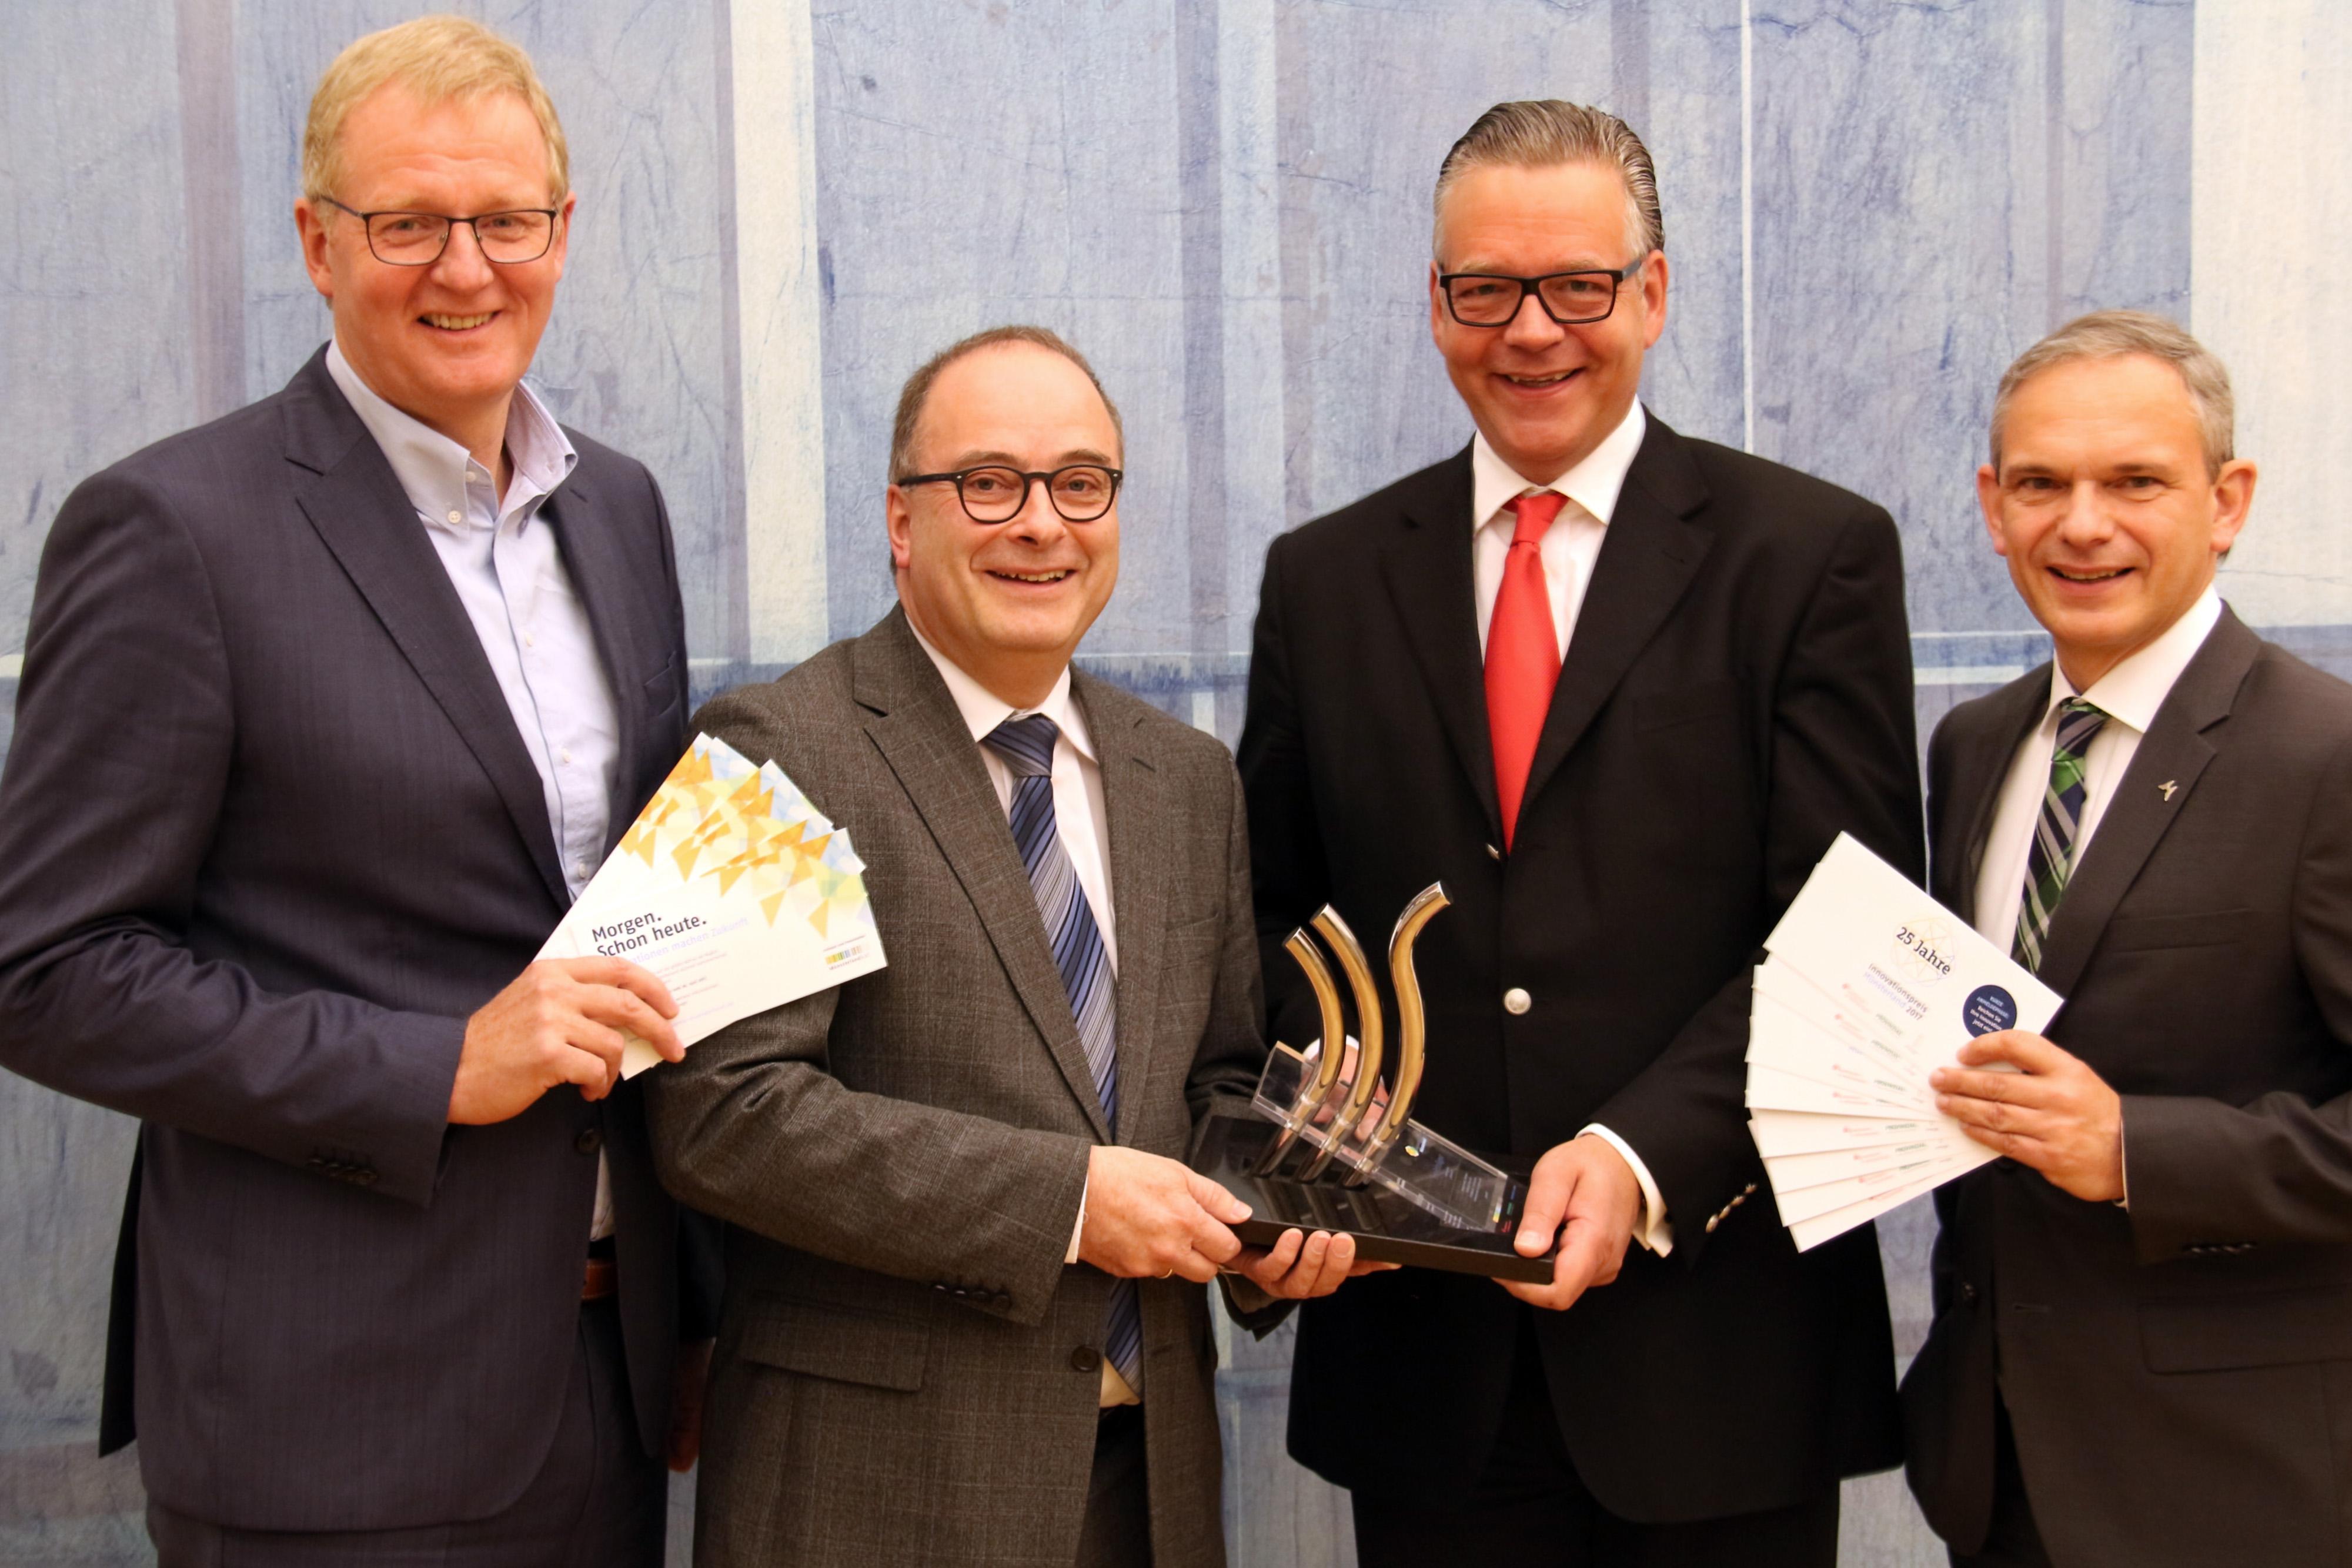 Sind stolz auf die Nominierten für den Innovationspreis: v.l. Rolf Berlemann (innogy SE), Klaus Ehling (Münsterland e.V.), Markus Schabel (Sparkassen im Münsterland), Peter Börsch (Westfälische Provinzial Versicherung AG). Foto: Münsterland e.V.